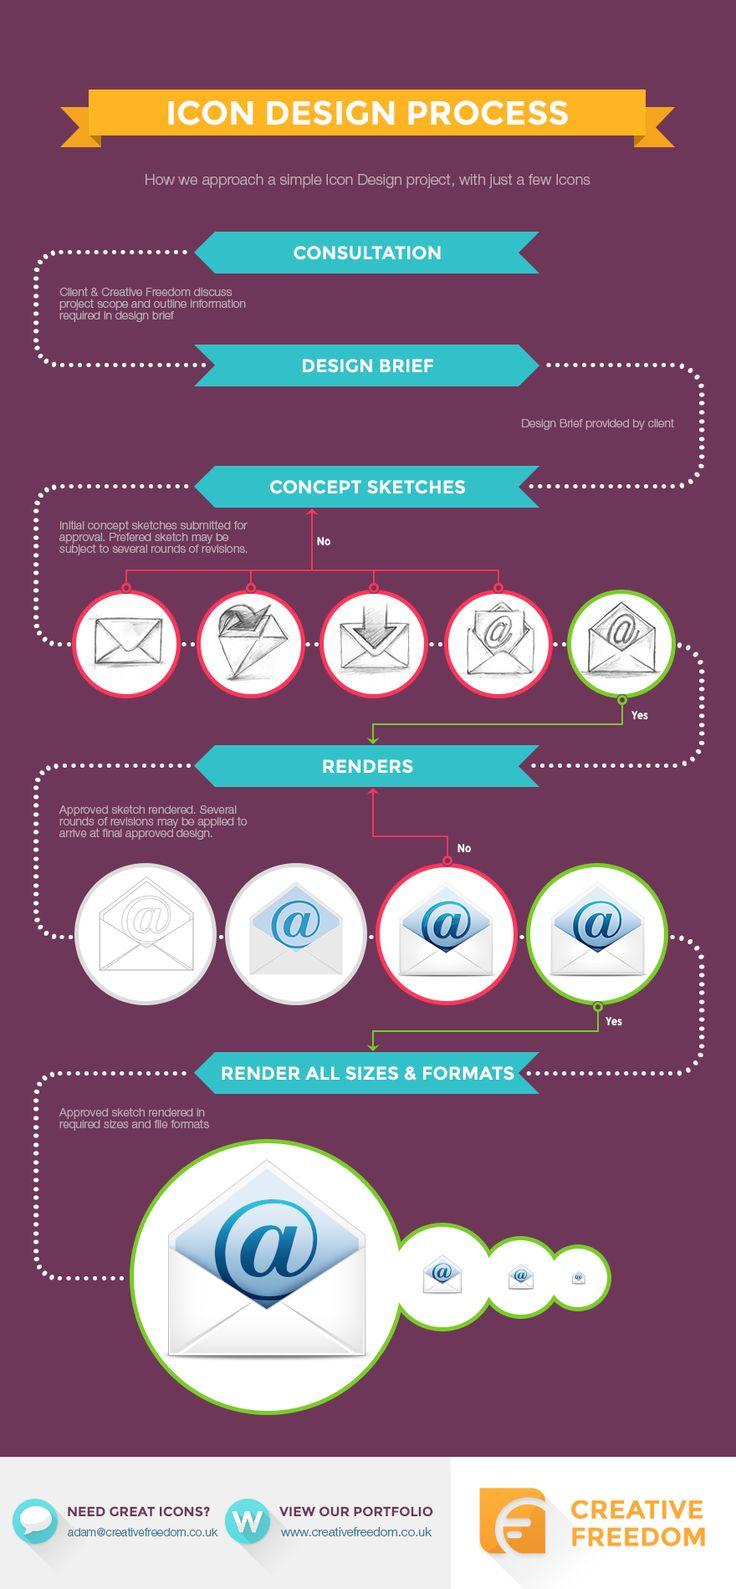 20 besten gRApHIc Bilder auf Pinterest | Design thinking, Grafiken ...